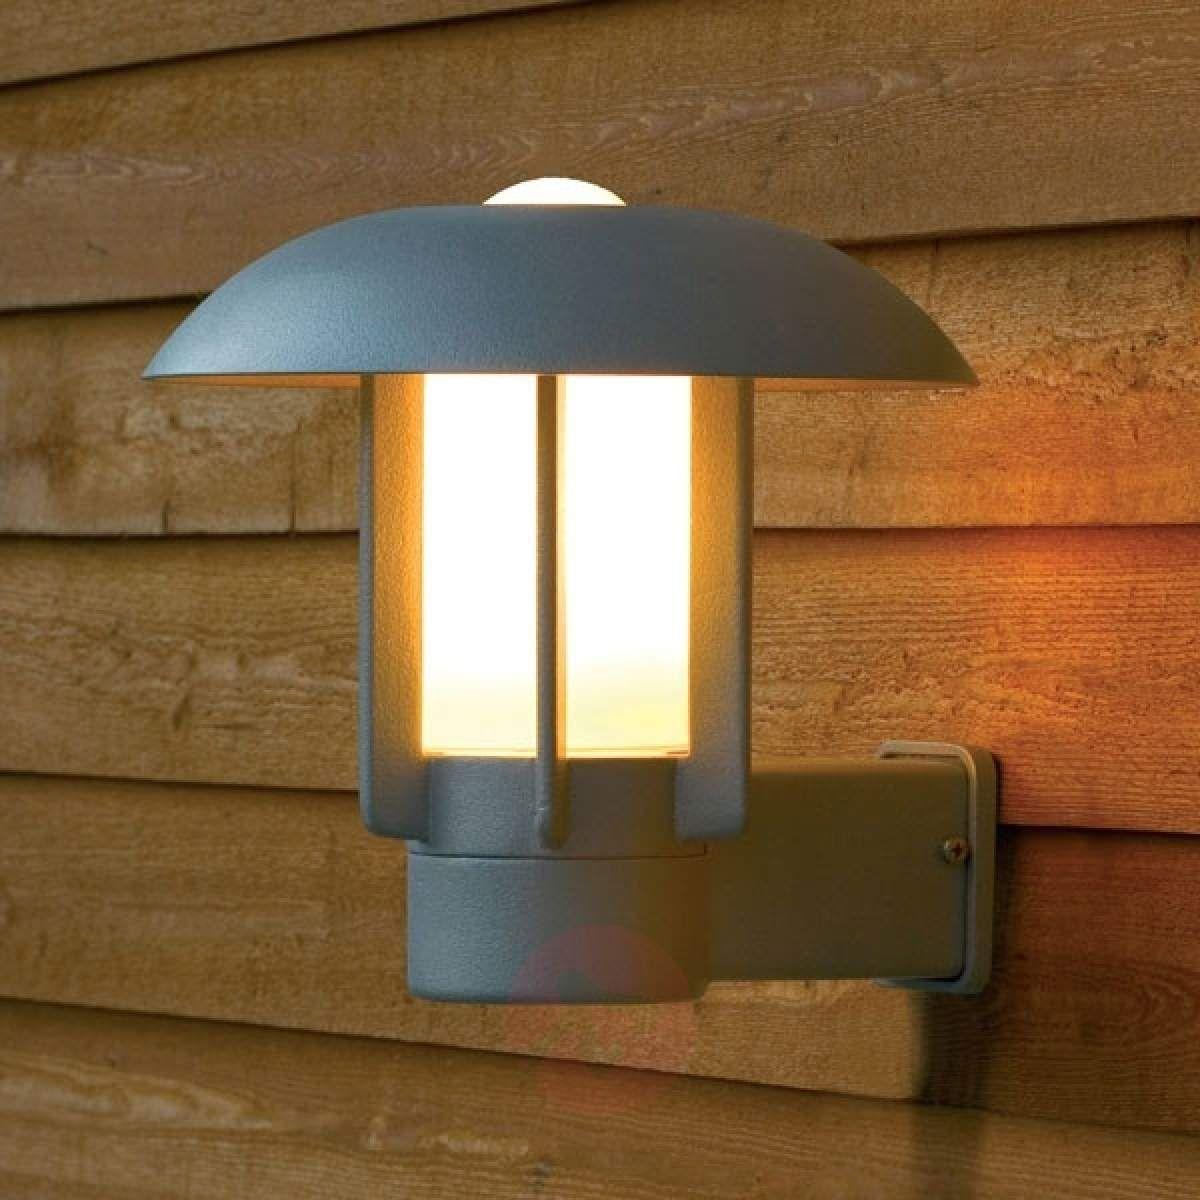 Aluminiowa Zewnętrzna Lampa ścienna Heimdal Lampy Wiszące